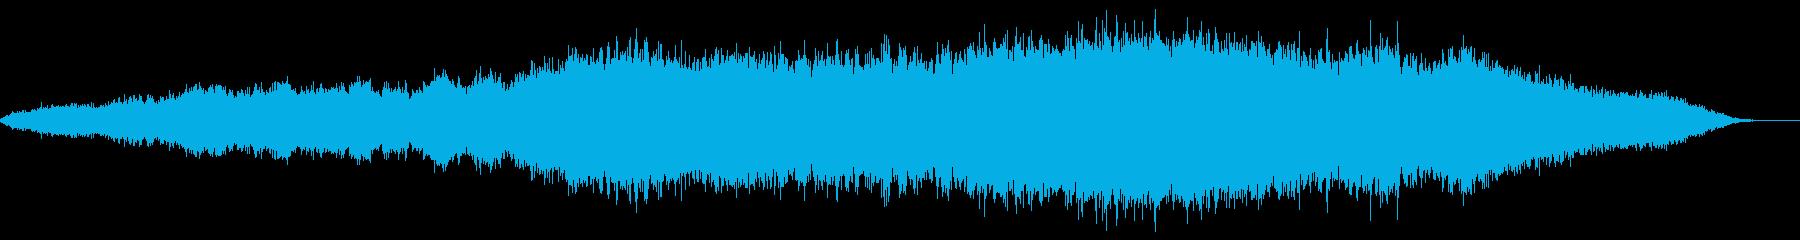 神秘的な雰囲気のアンビエント(背景音)9の再生済みの波形